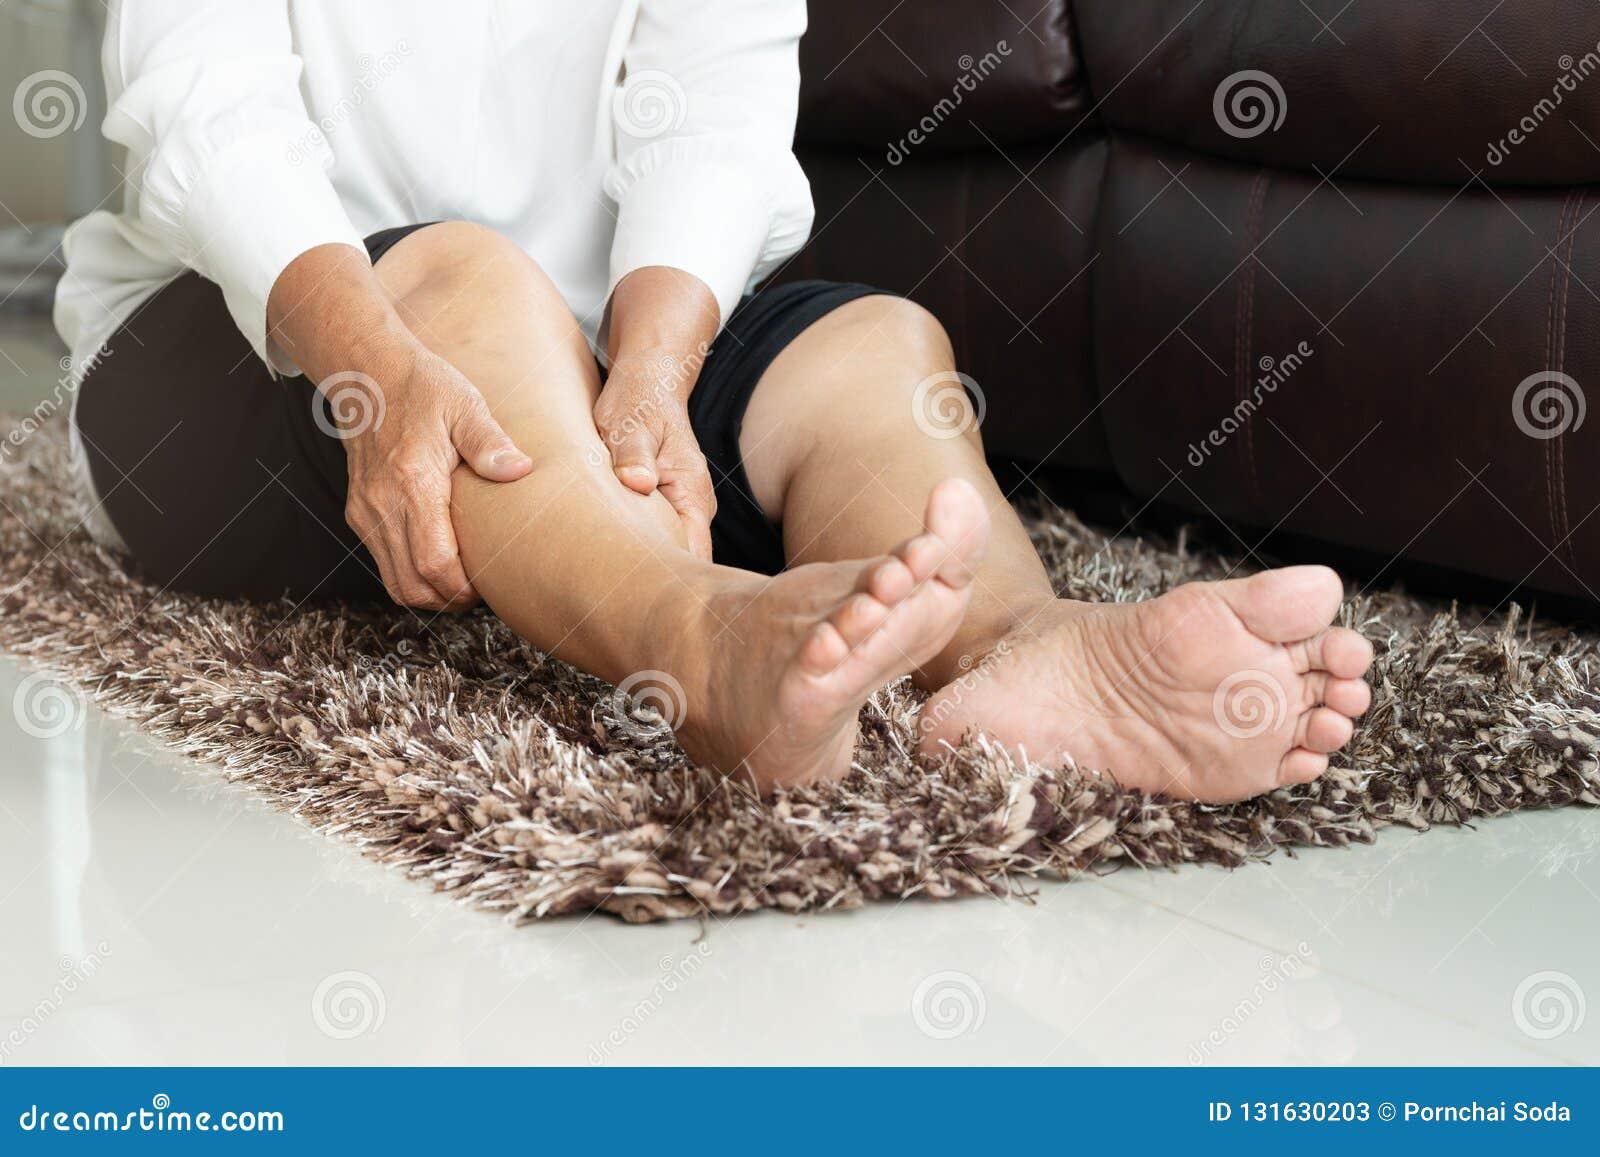 De huesos piernas las los calambre en